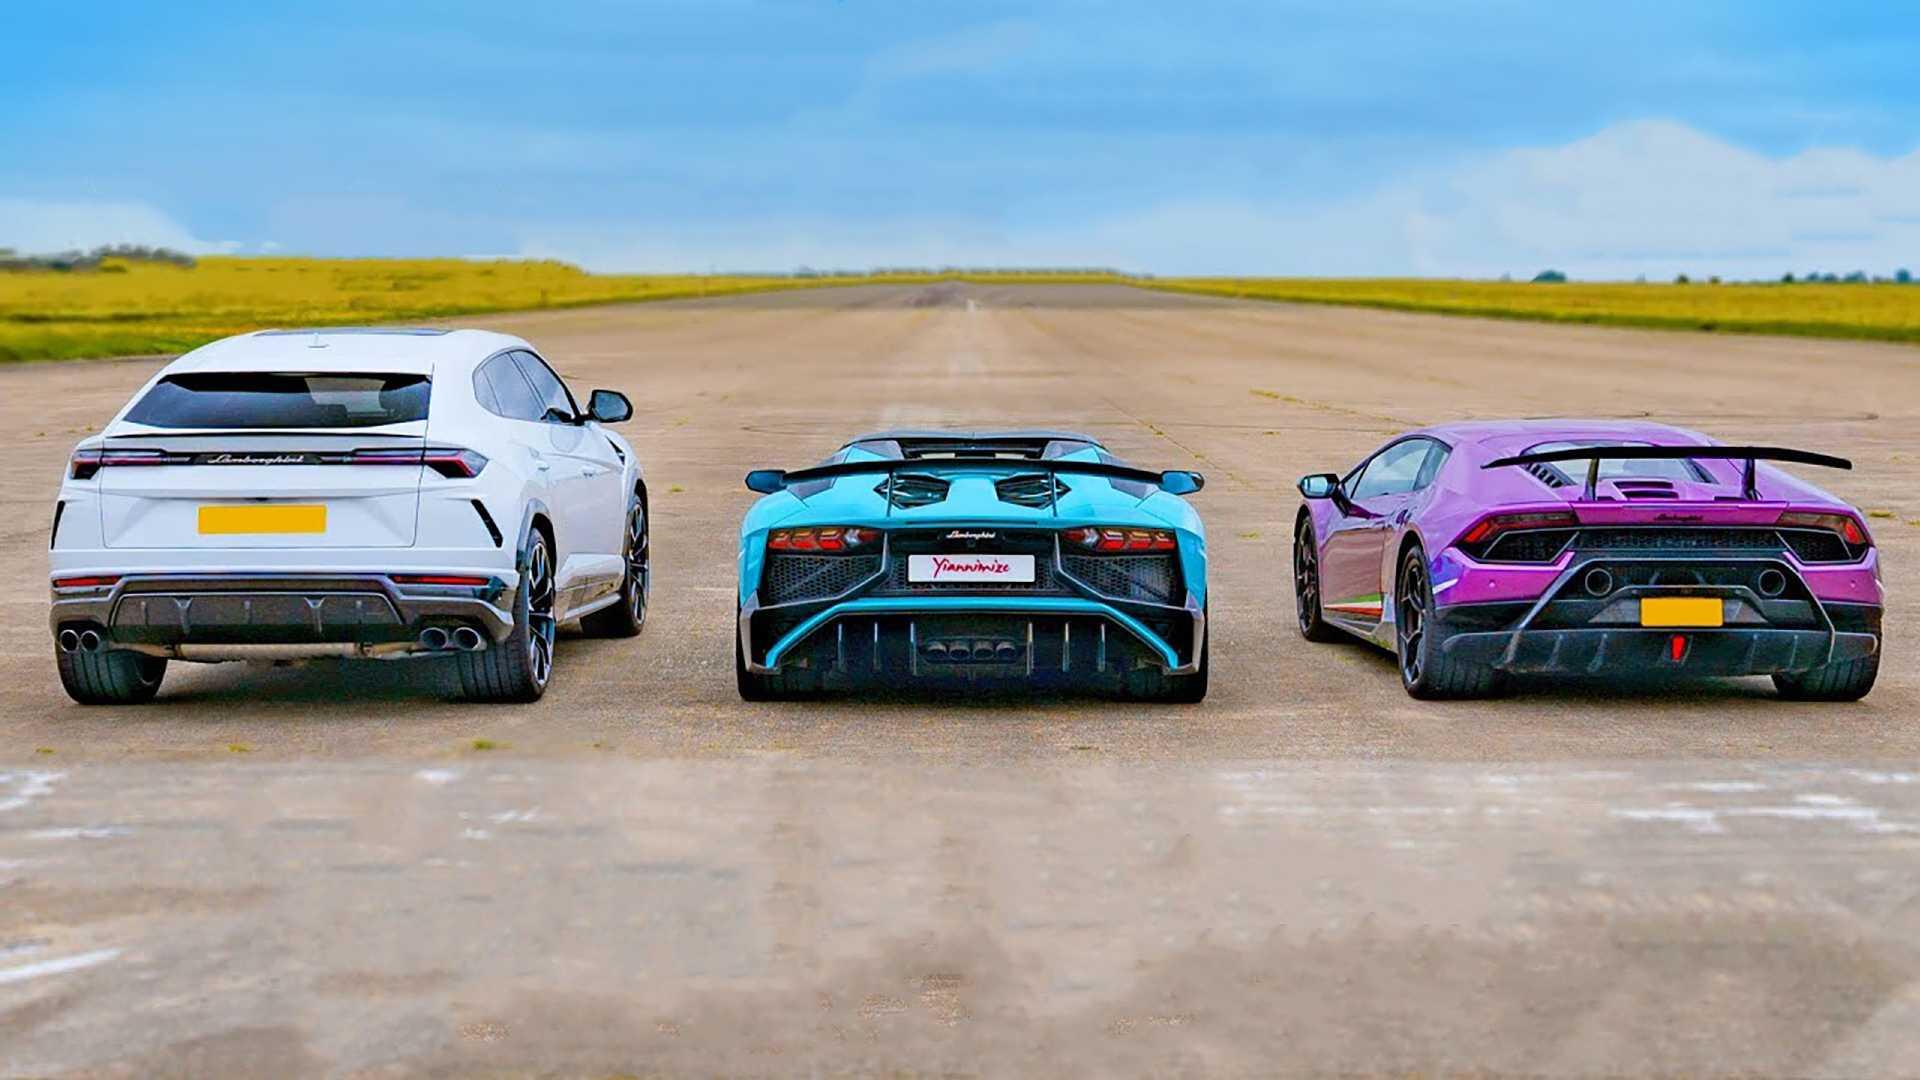 Lamborghini Urus vs. Lamborghini Aventador vs. Lamborghini Huracan